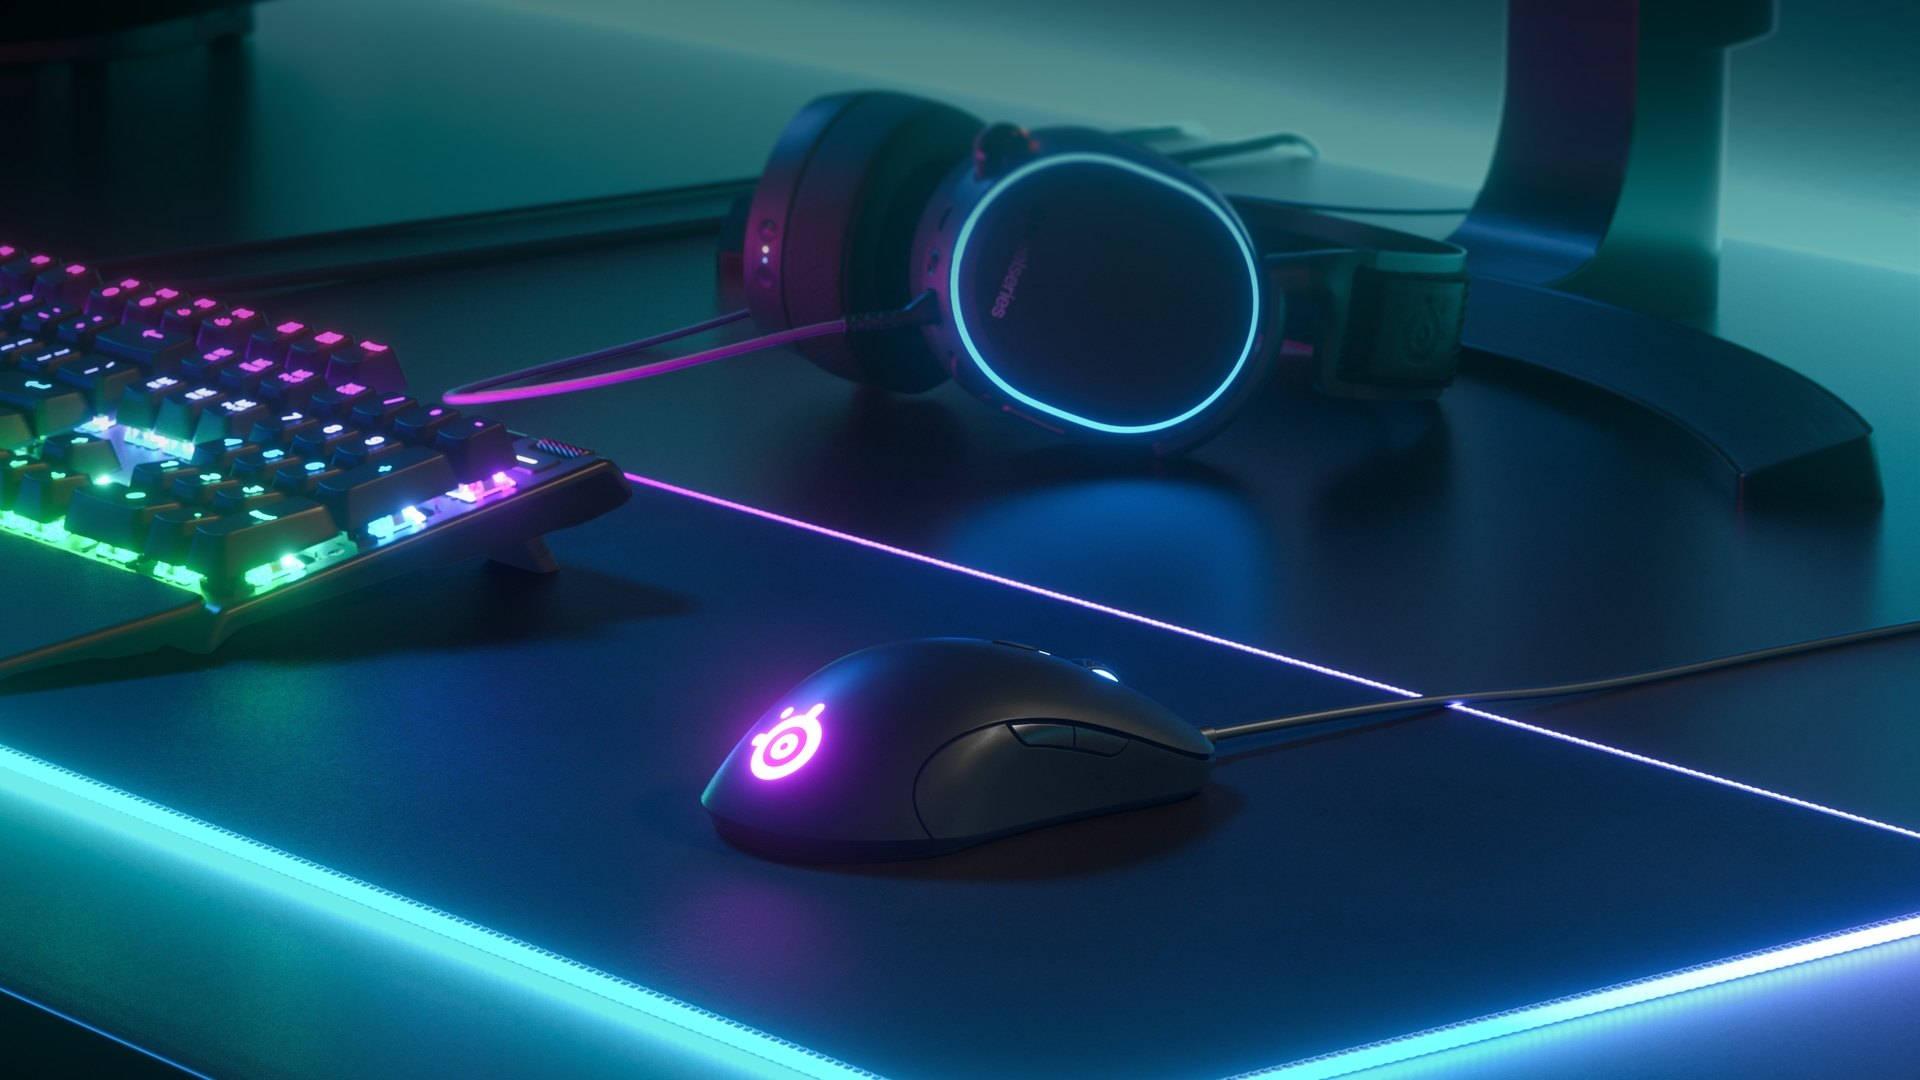 Мышь на рабочем столе